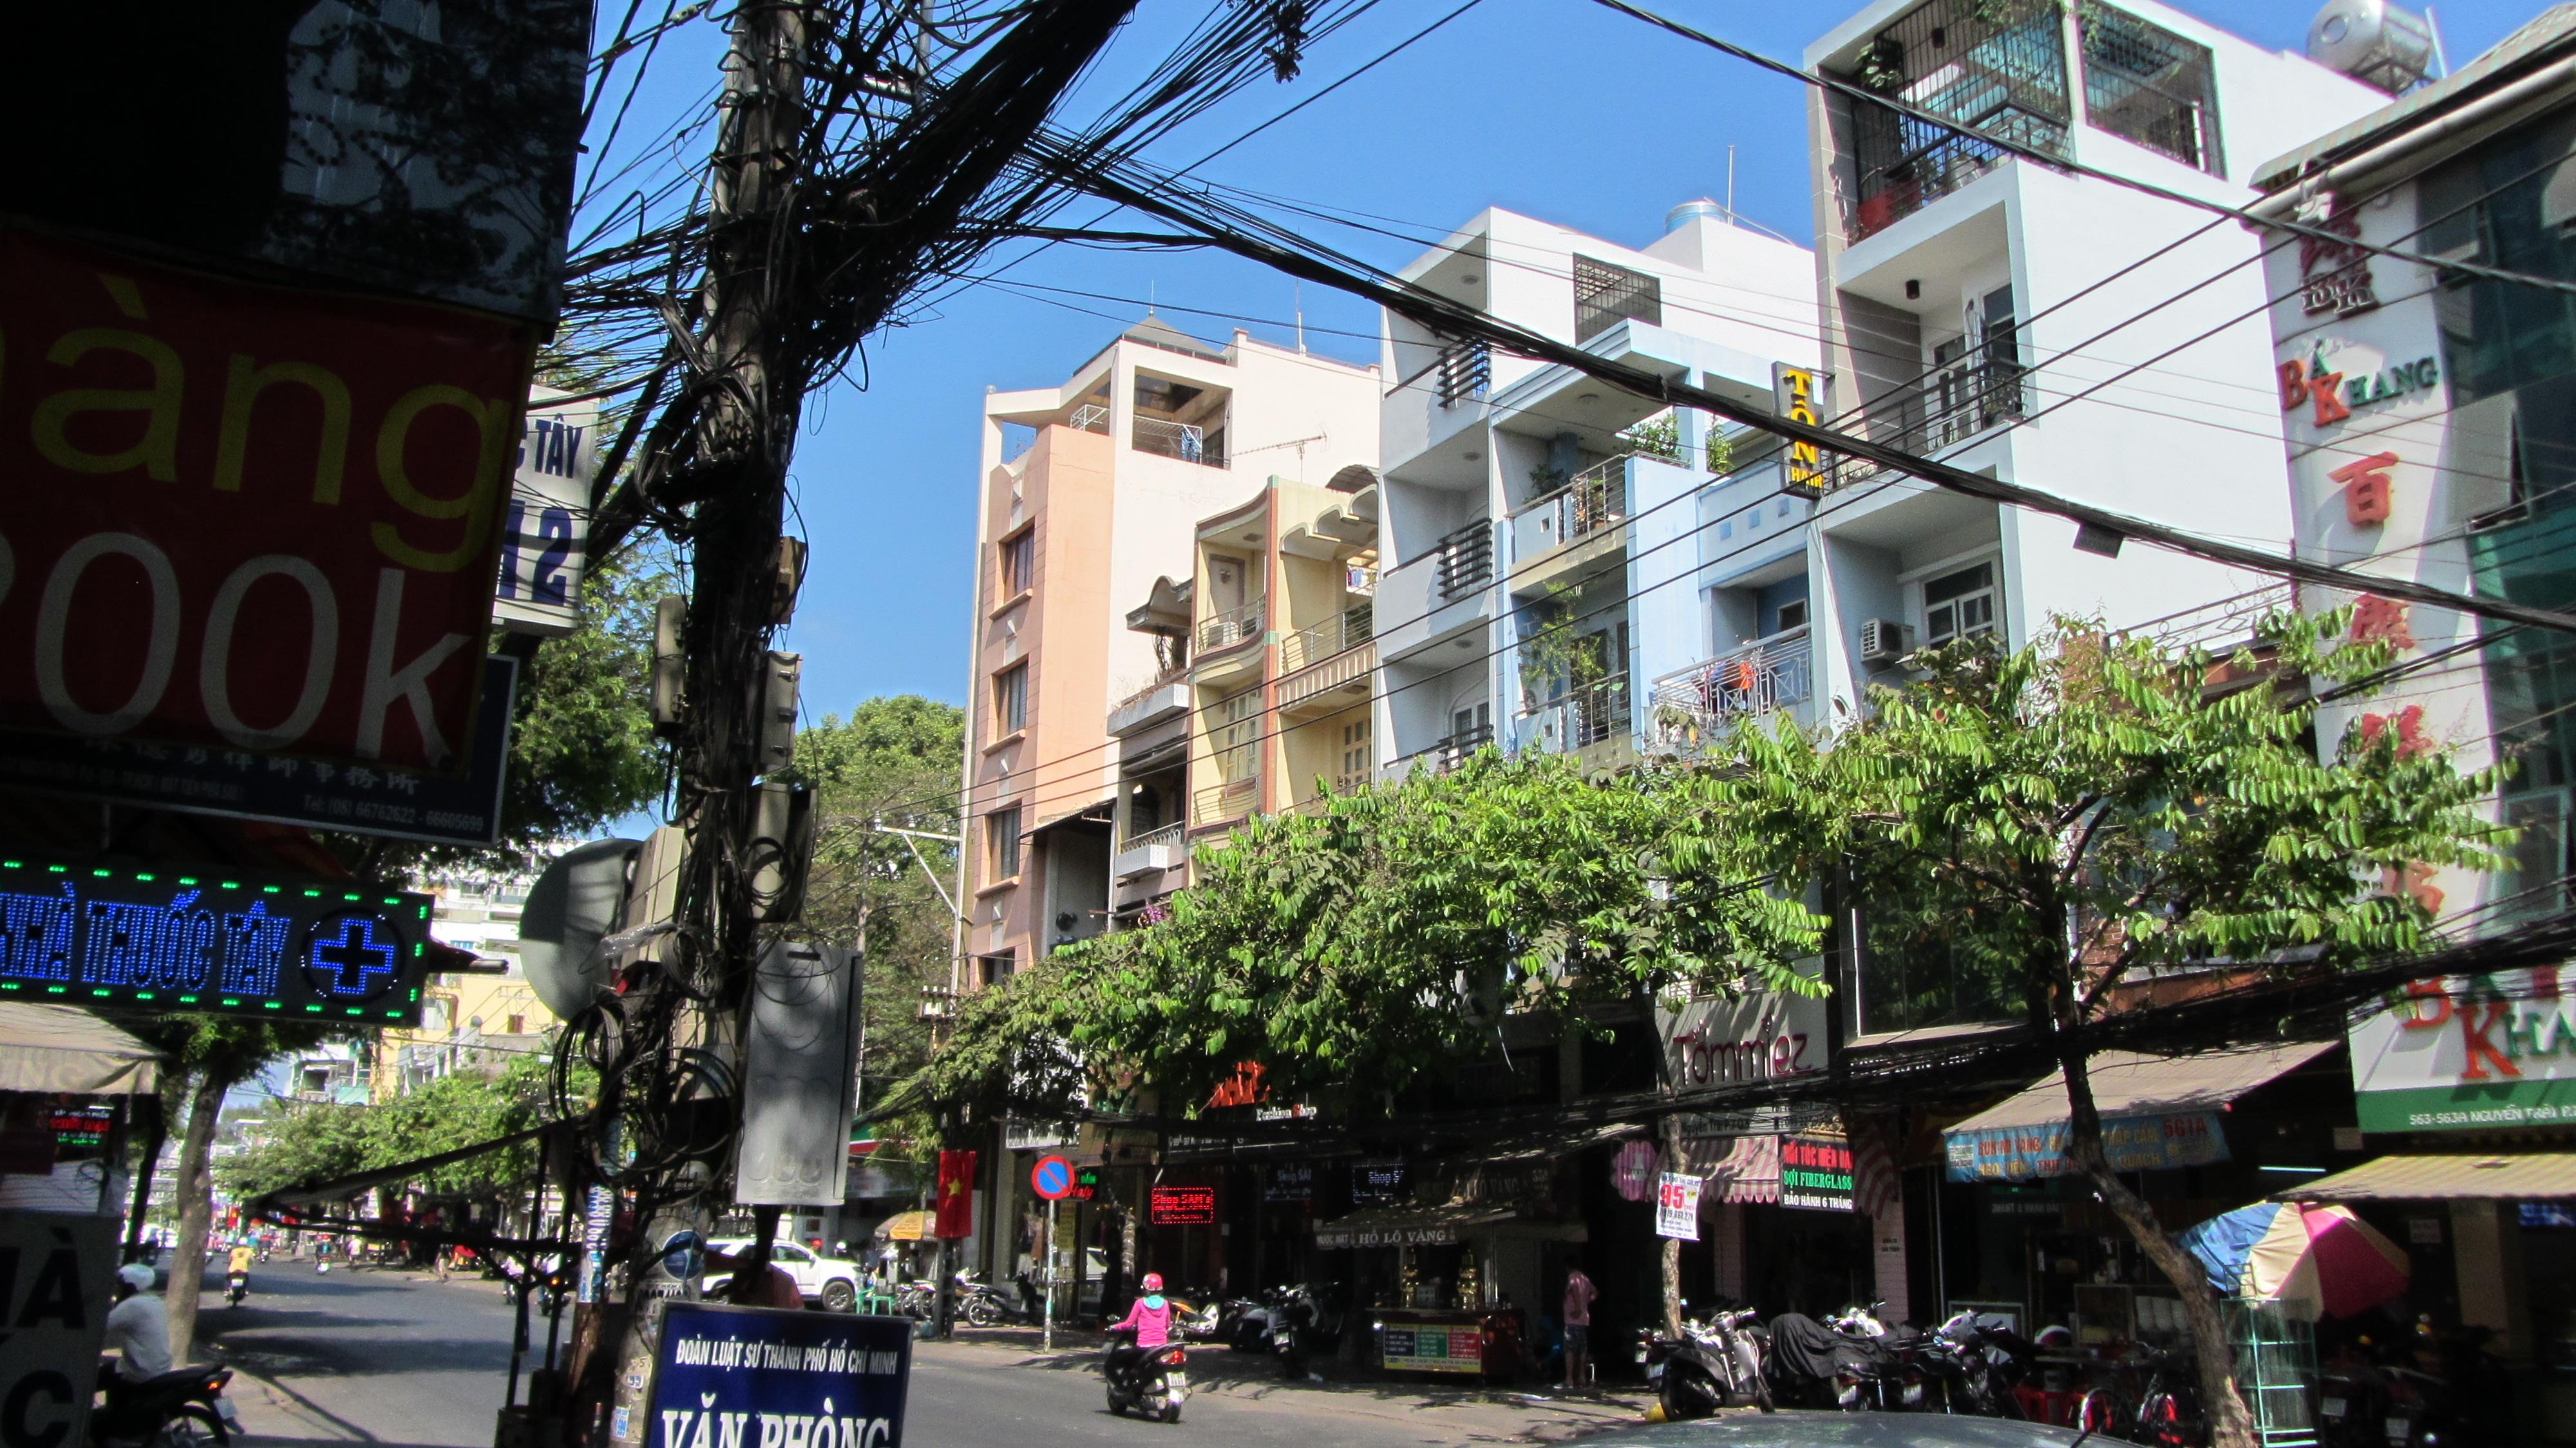 Nguyễn trãi street